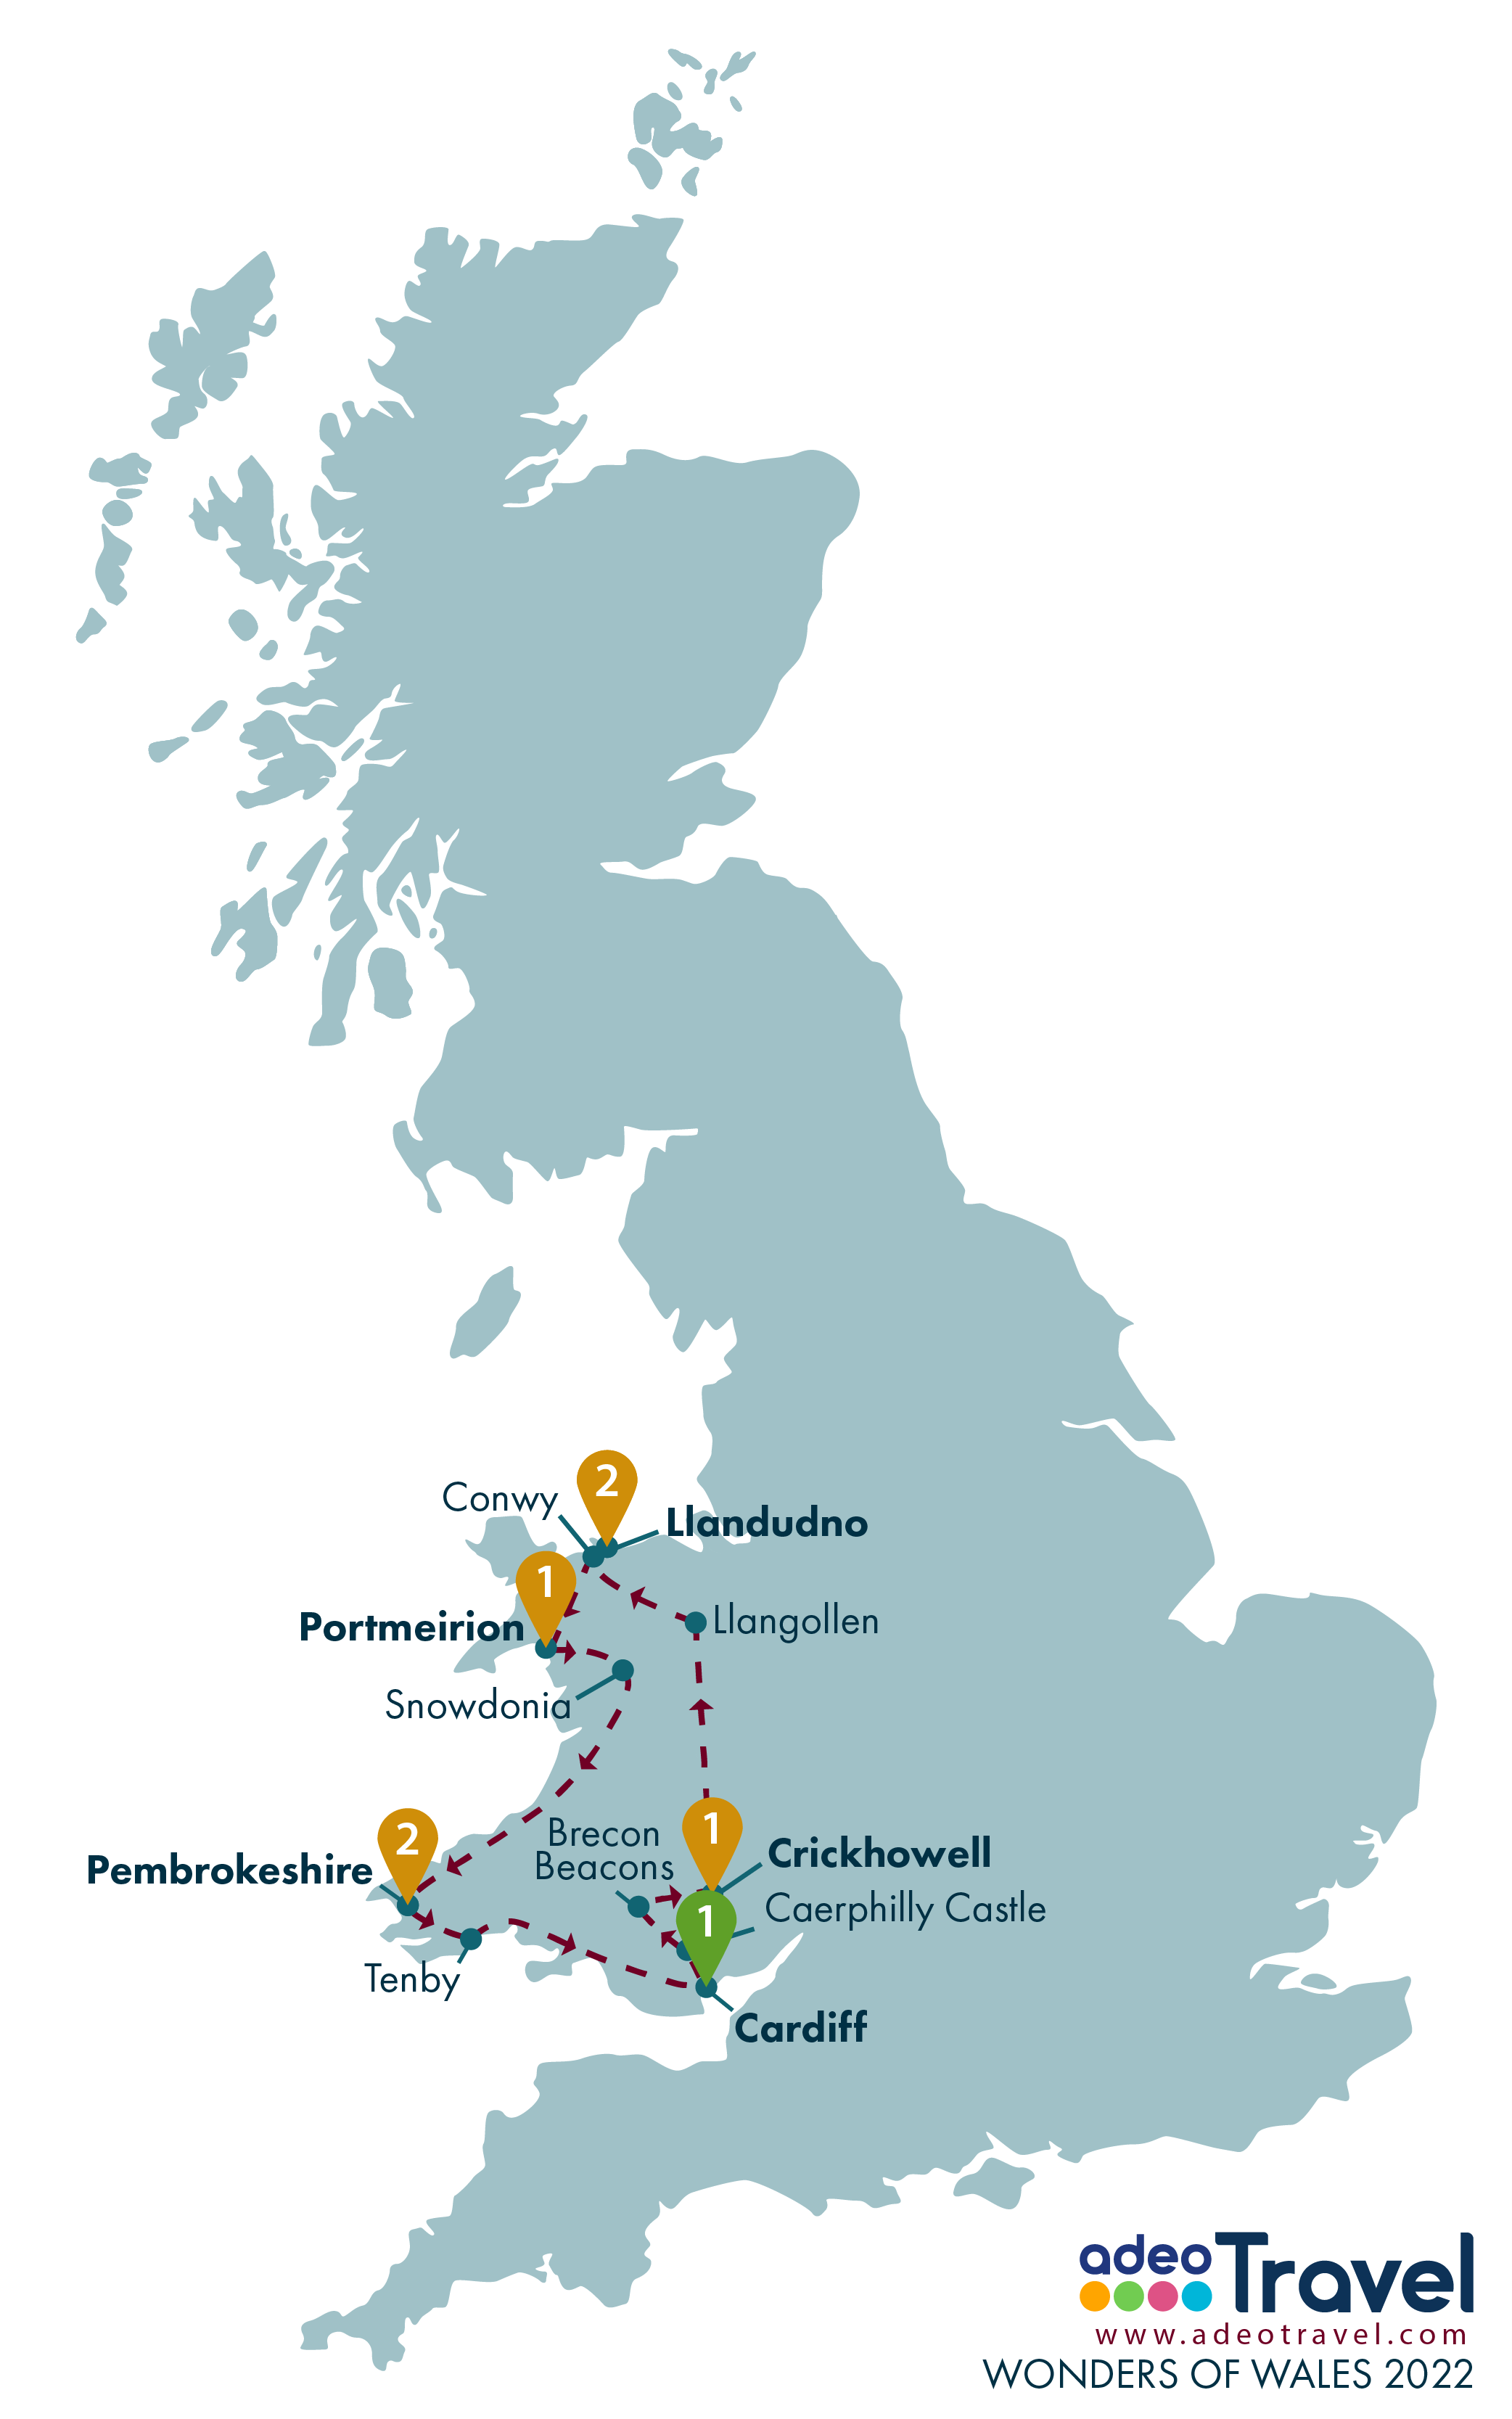 Map - Wonders of Wales 2022